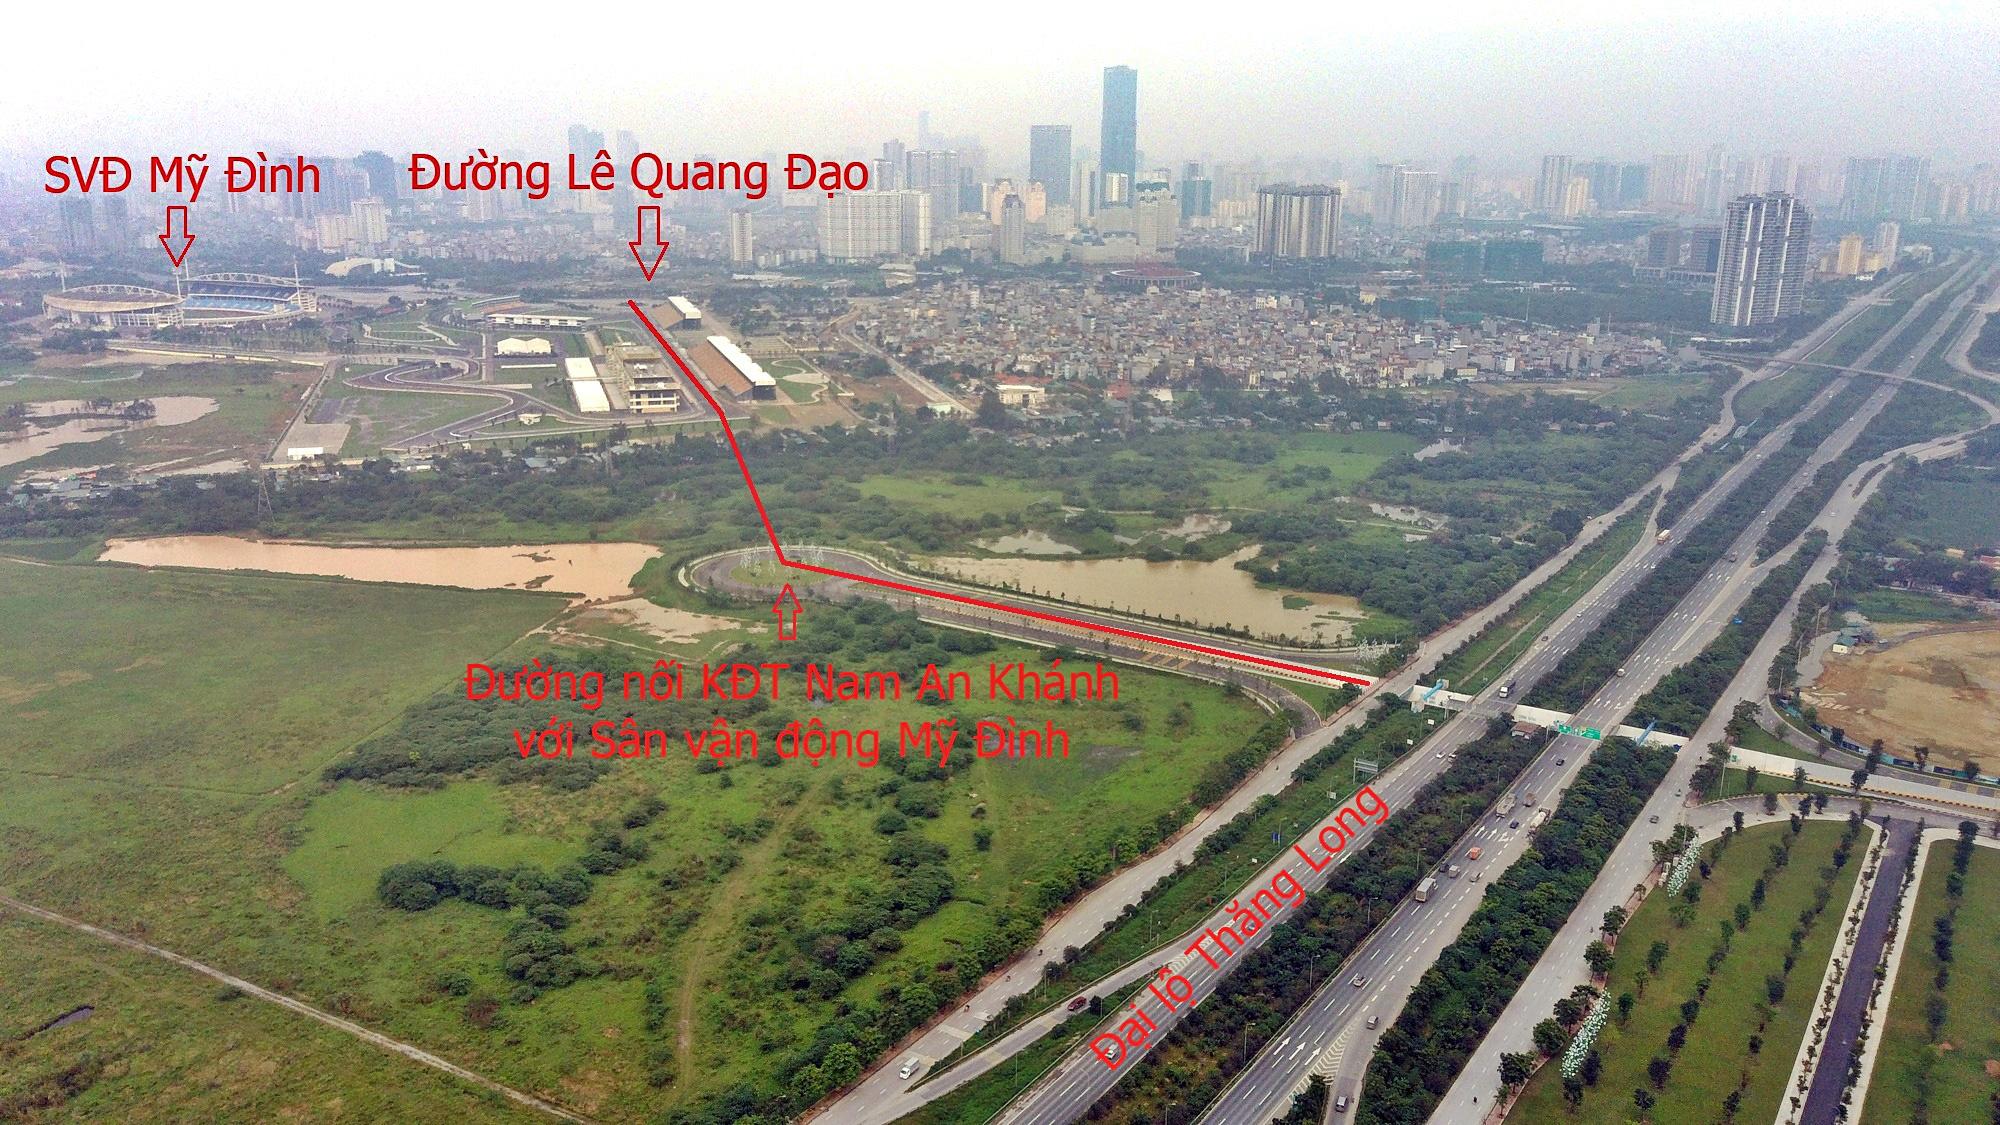 Đường sẽ mở theo qui hoạch ở Hà Nội: Toàn cảnh đường nối KĐT Nam An Khánh đến Sân vận động Mỹ Đình - Ảnh 7.